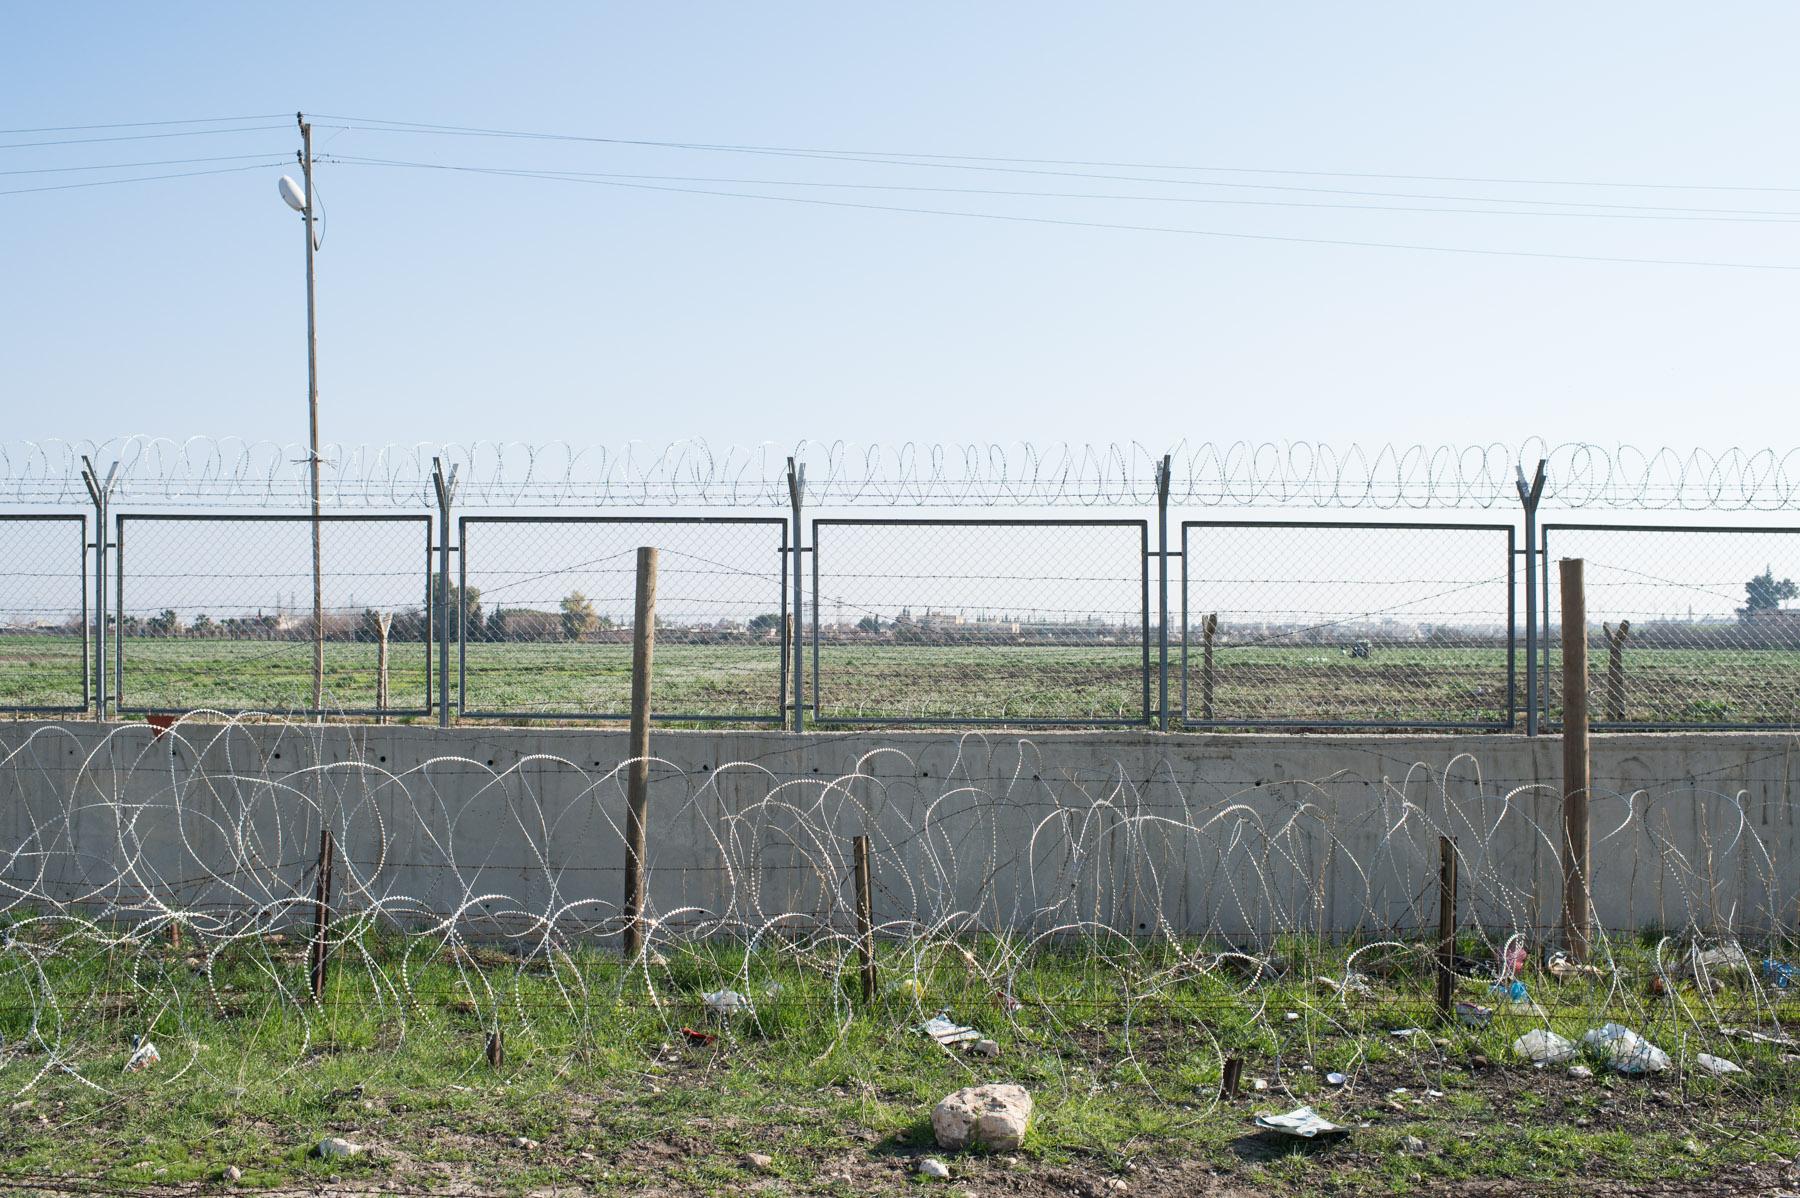 006syrian-turkish-border_by_fst_feb2014_DSC0855.jpg